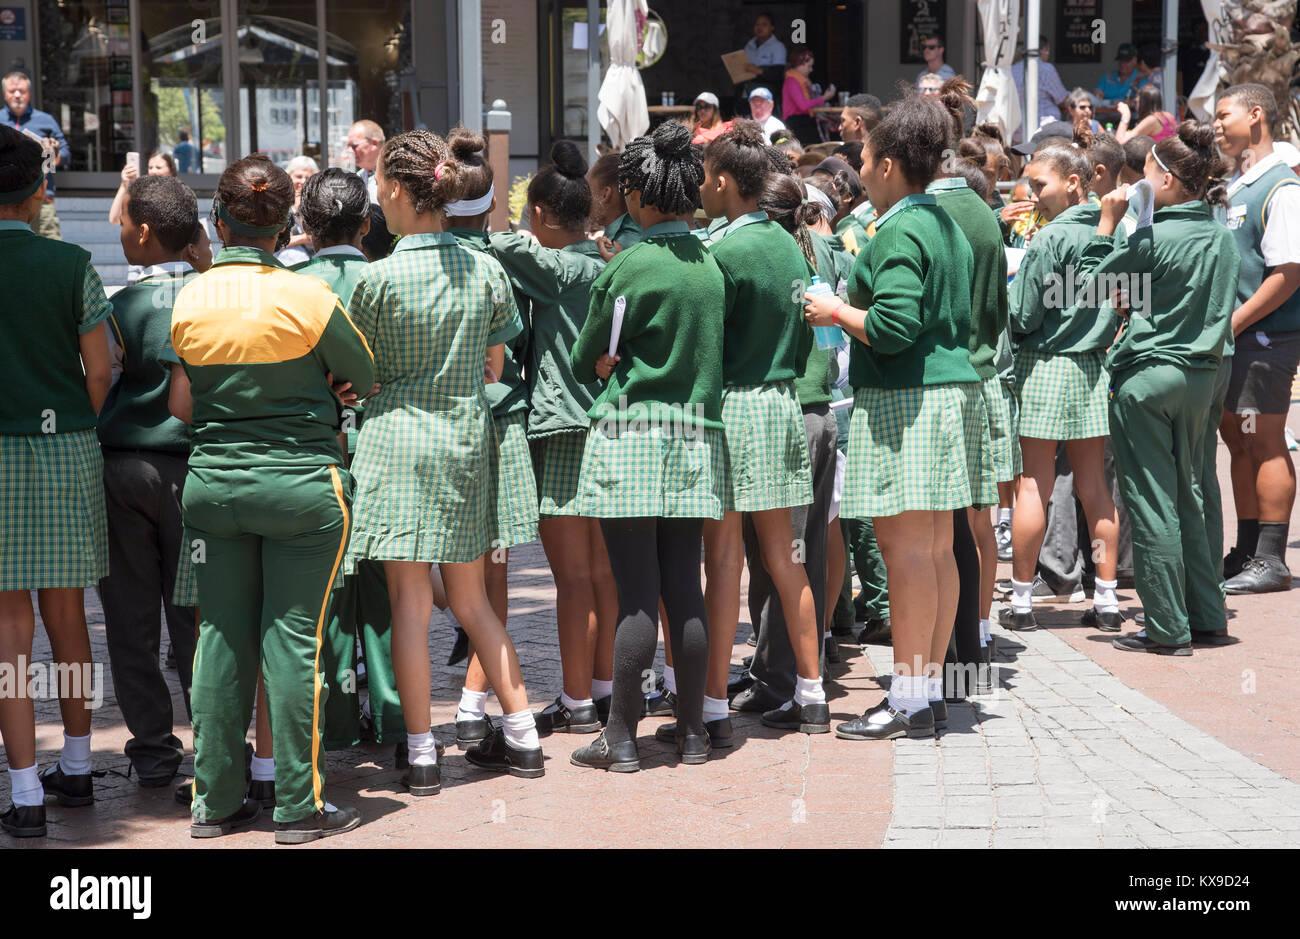 V&A Waterfront Cape Town South Africa. De diciembre de 2017. Los niños de la escuela en el área ribereña Imagen De Stock